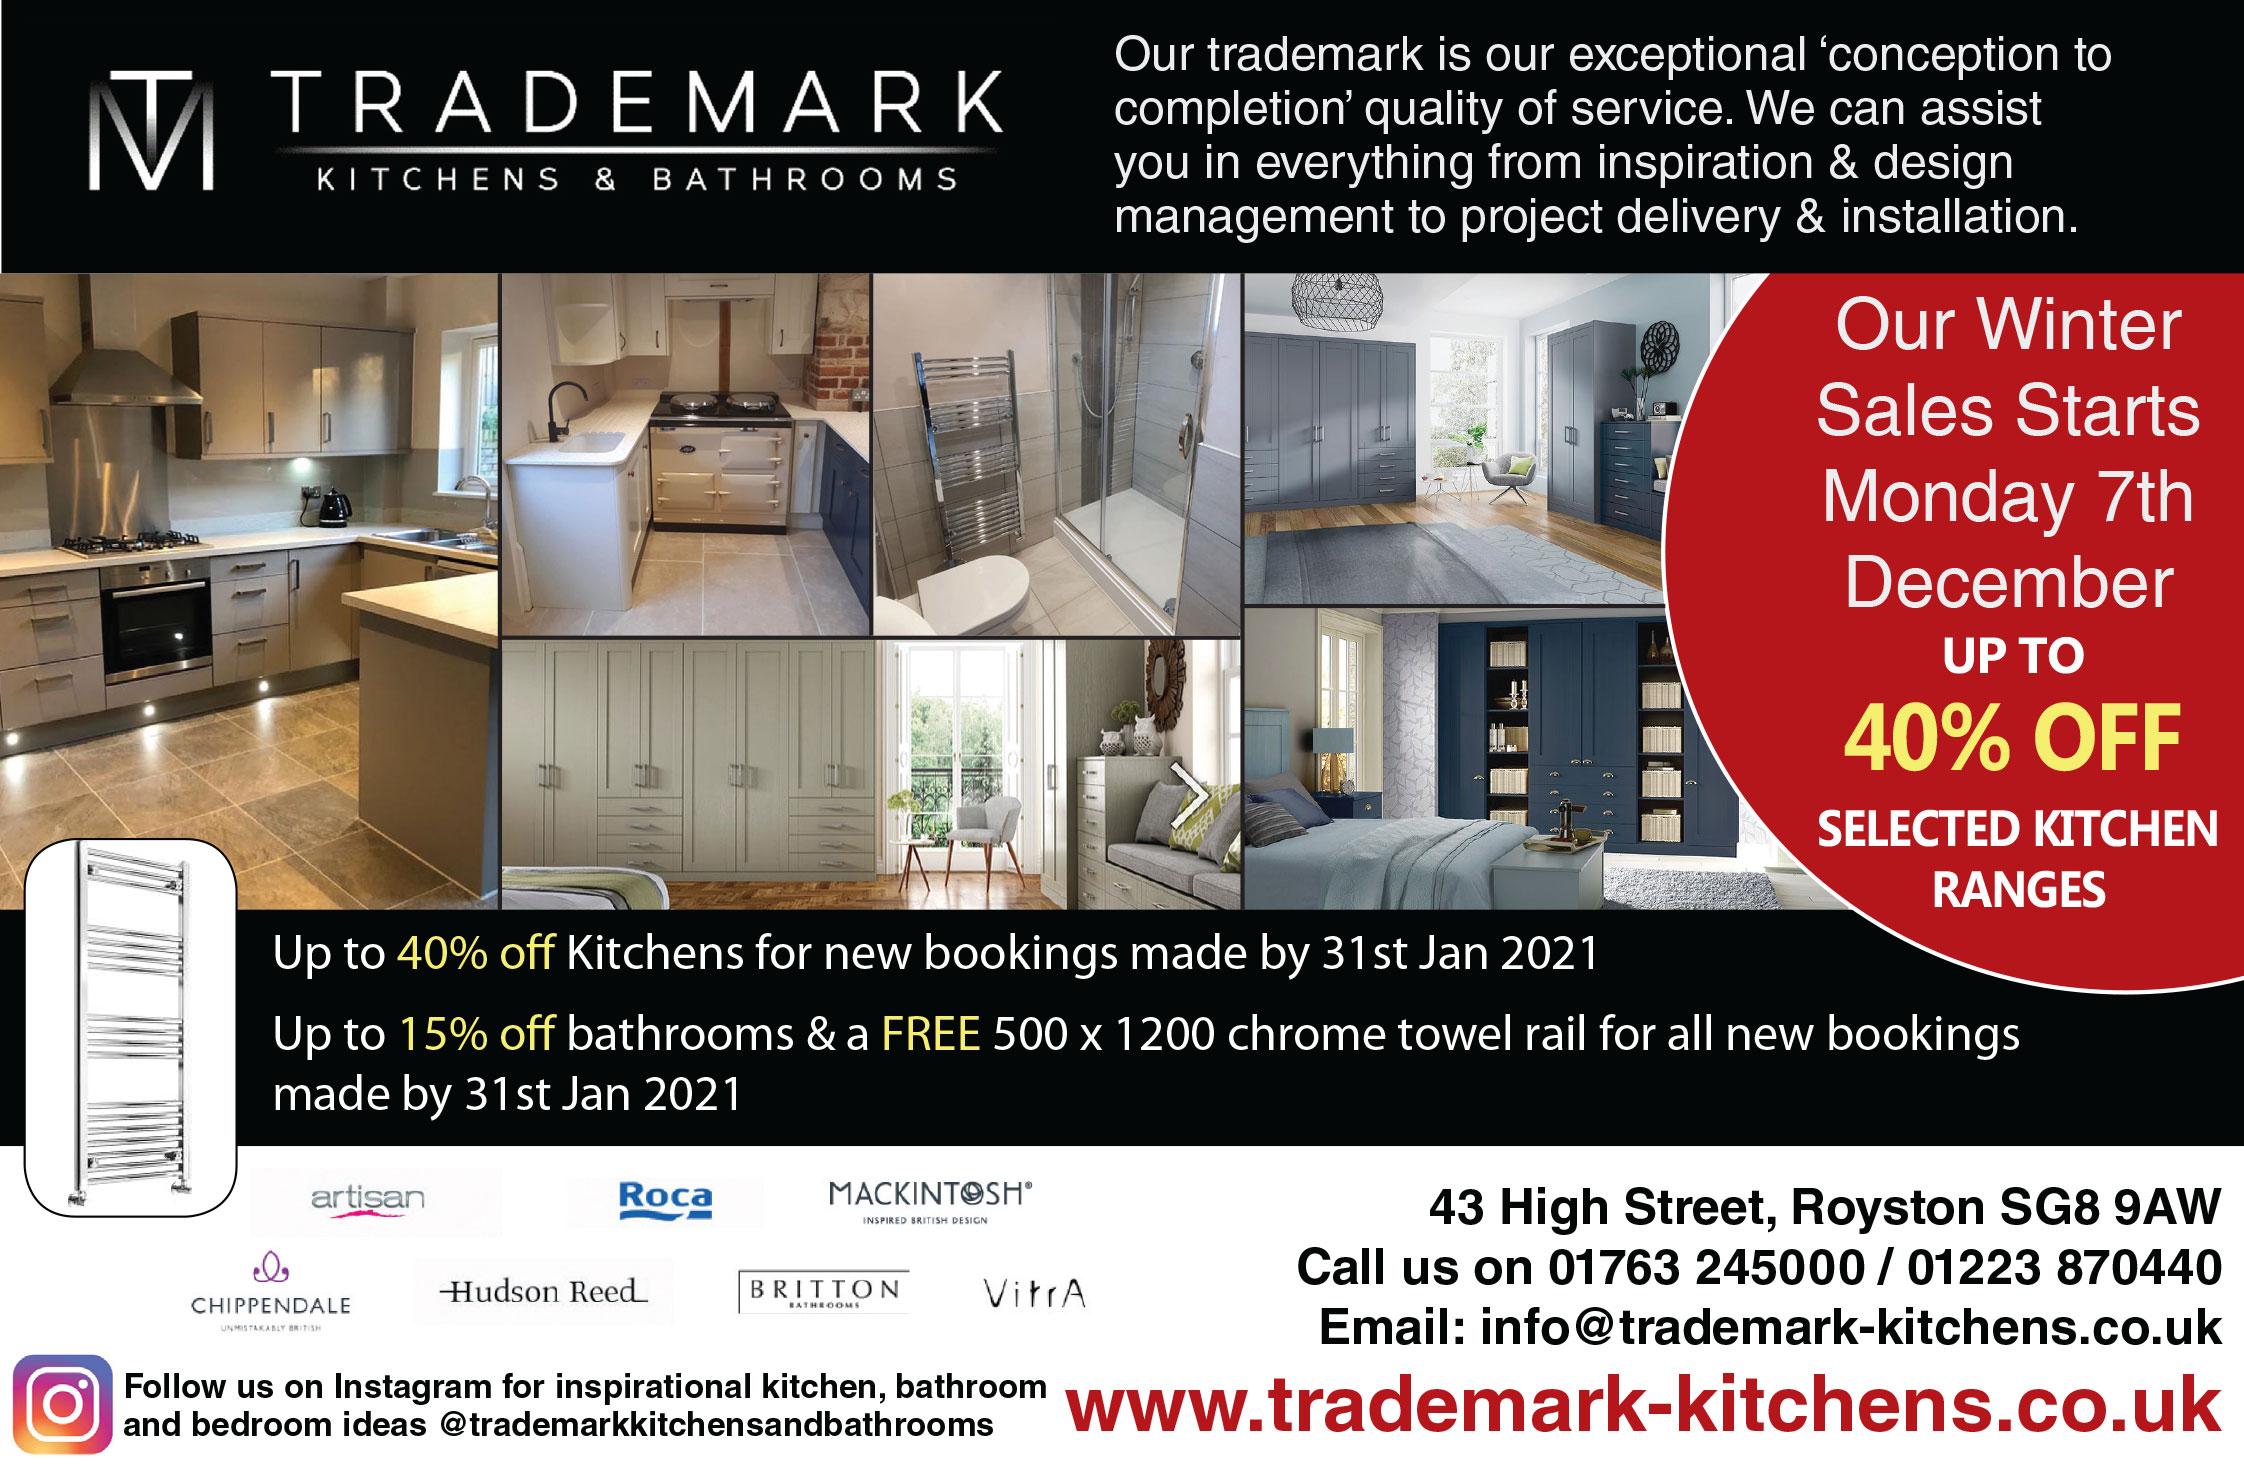 2012-Tradmark-Kitchens-R